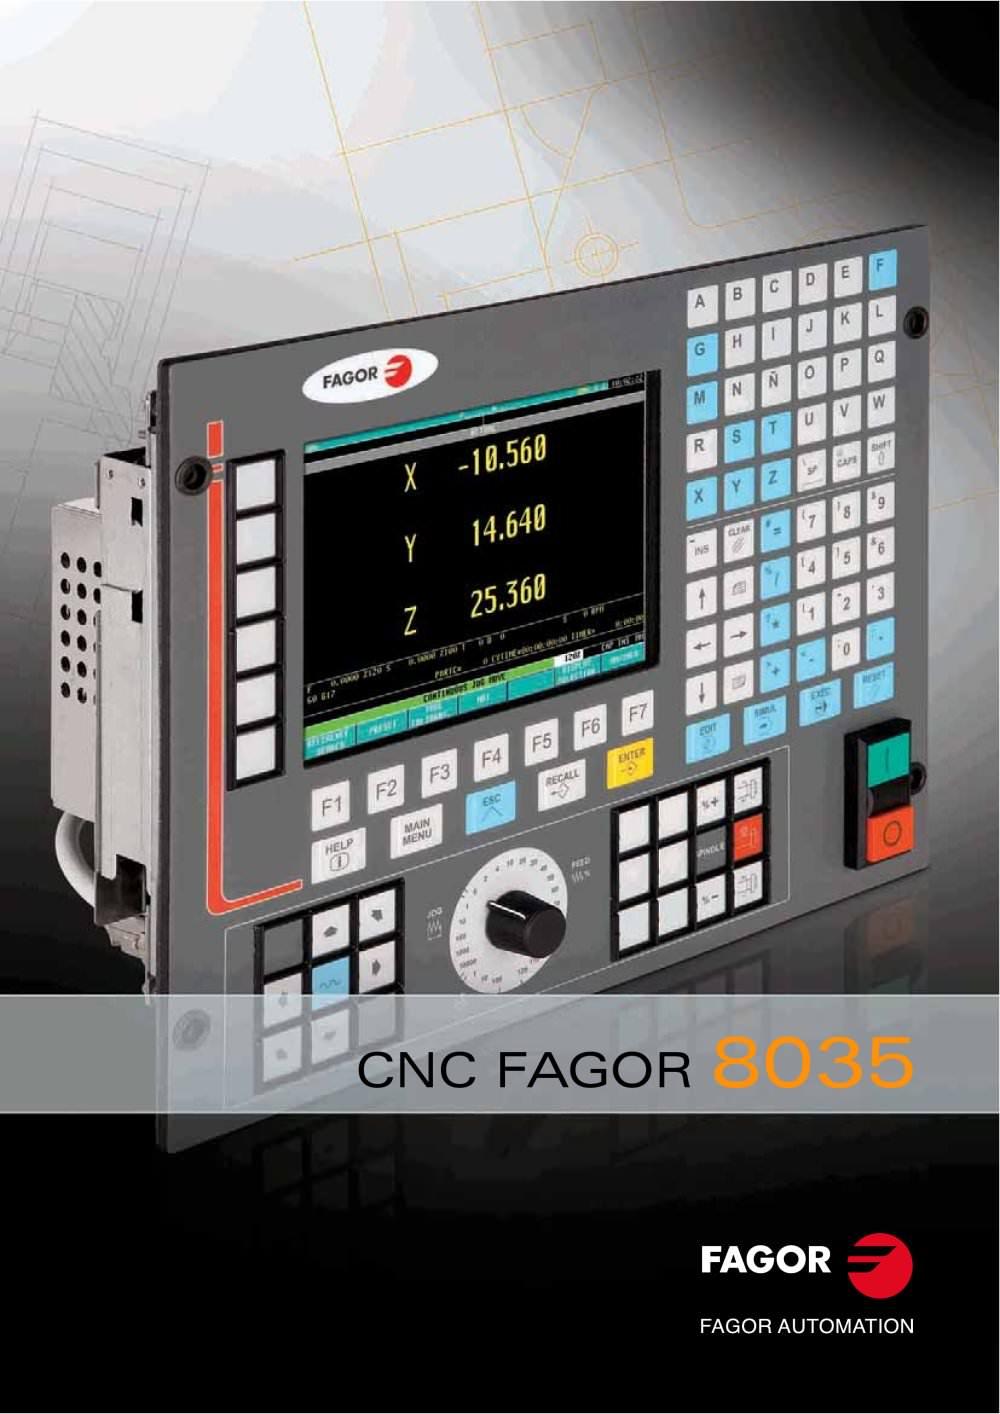 CNC 8035 - 1 / 6 Pages